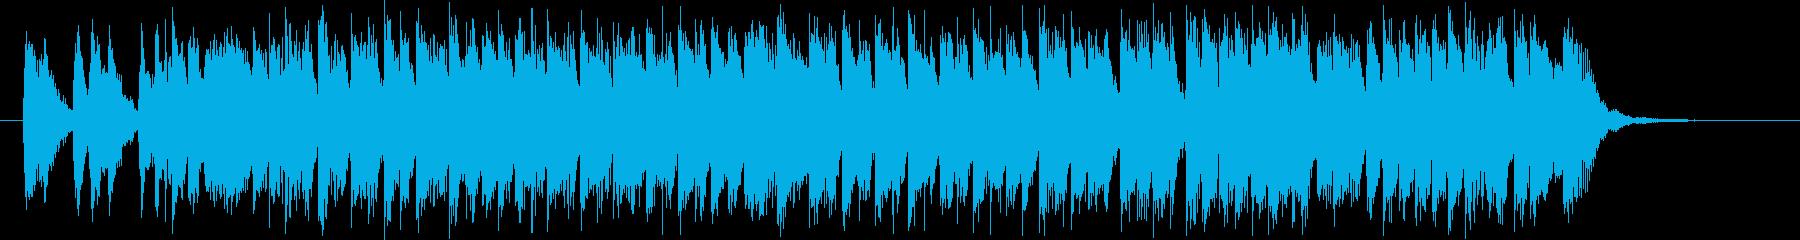 カートゥン系楽器を使用したコミカルポップの再生済みの波形